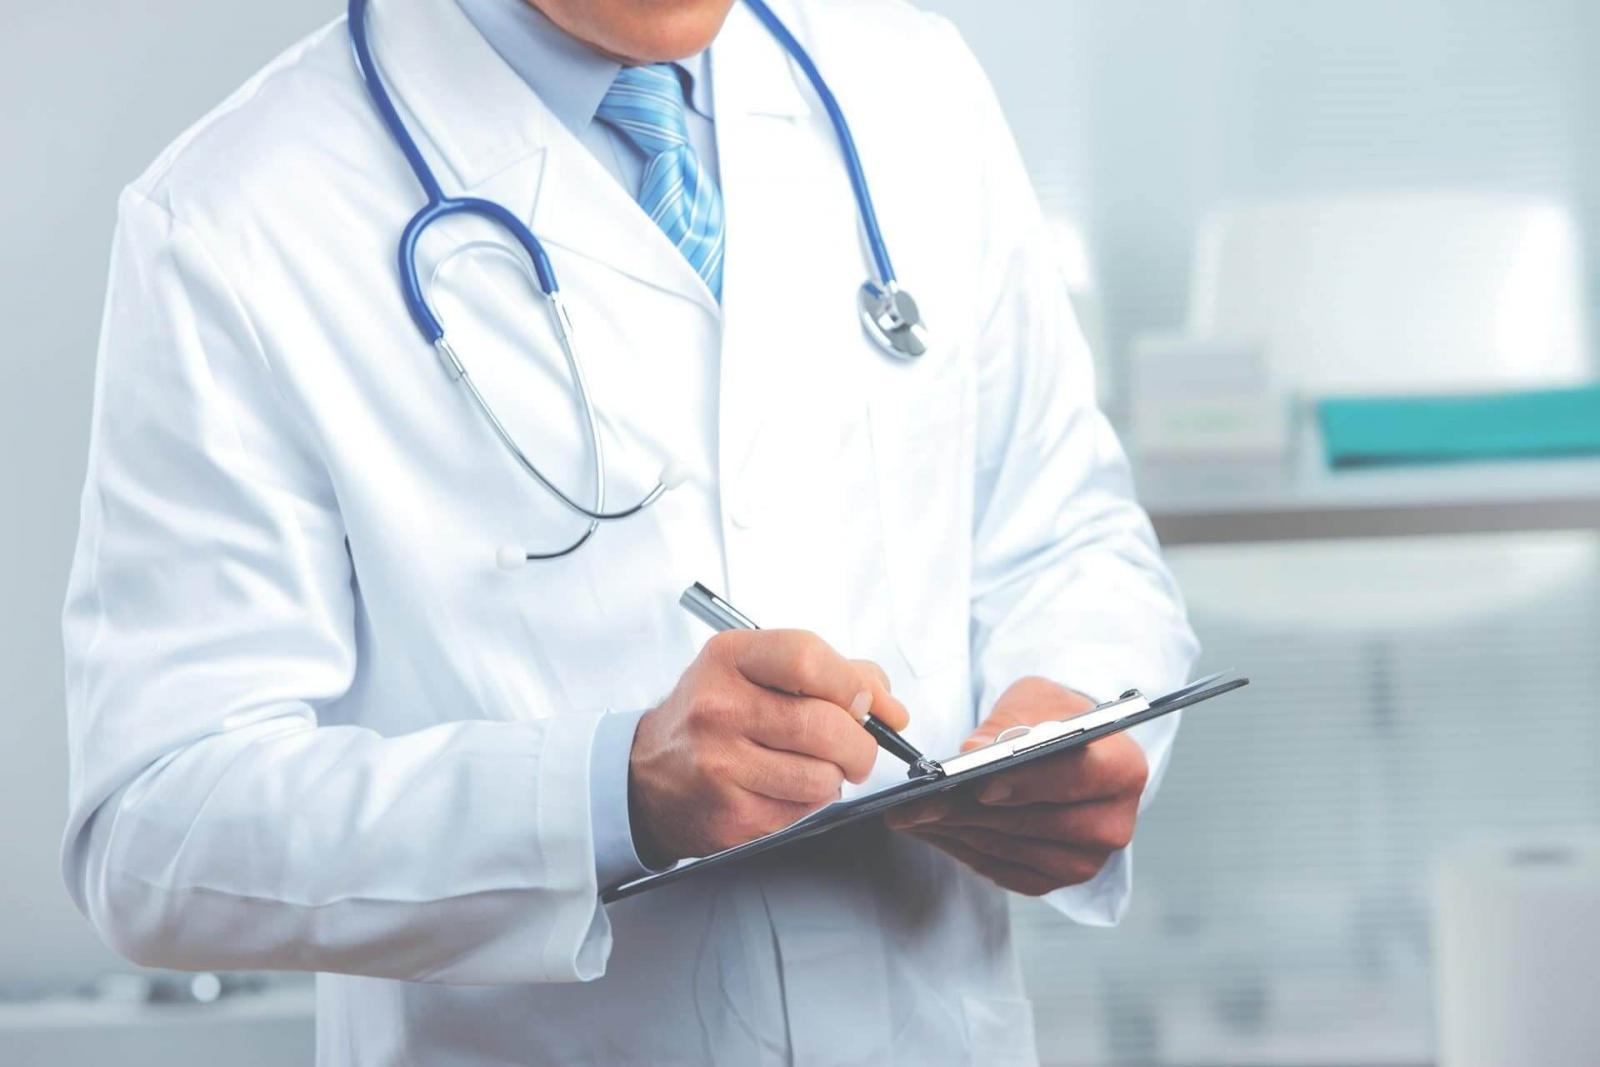 Боровшихся с COVID-19 медиков предложили отправить на досрочную пенсию